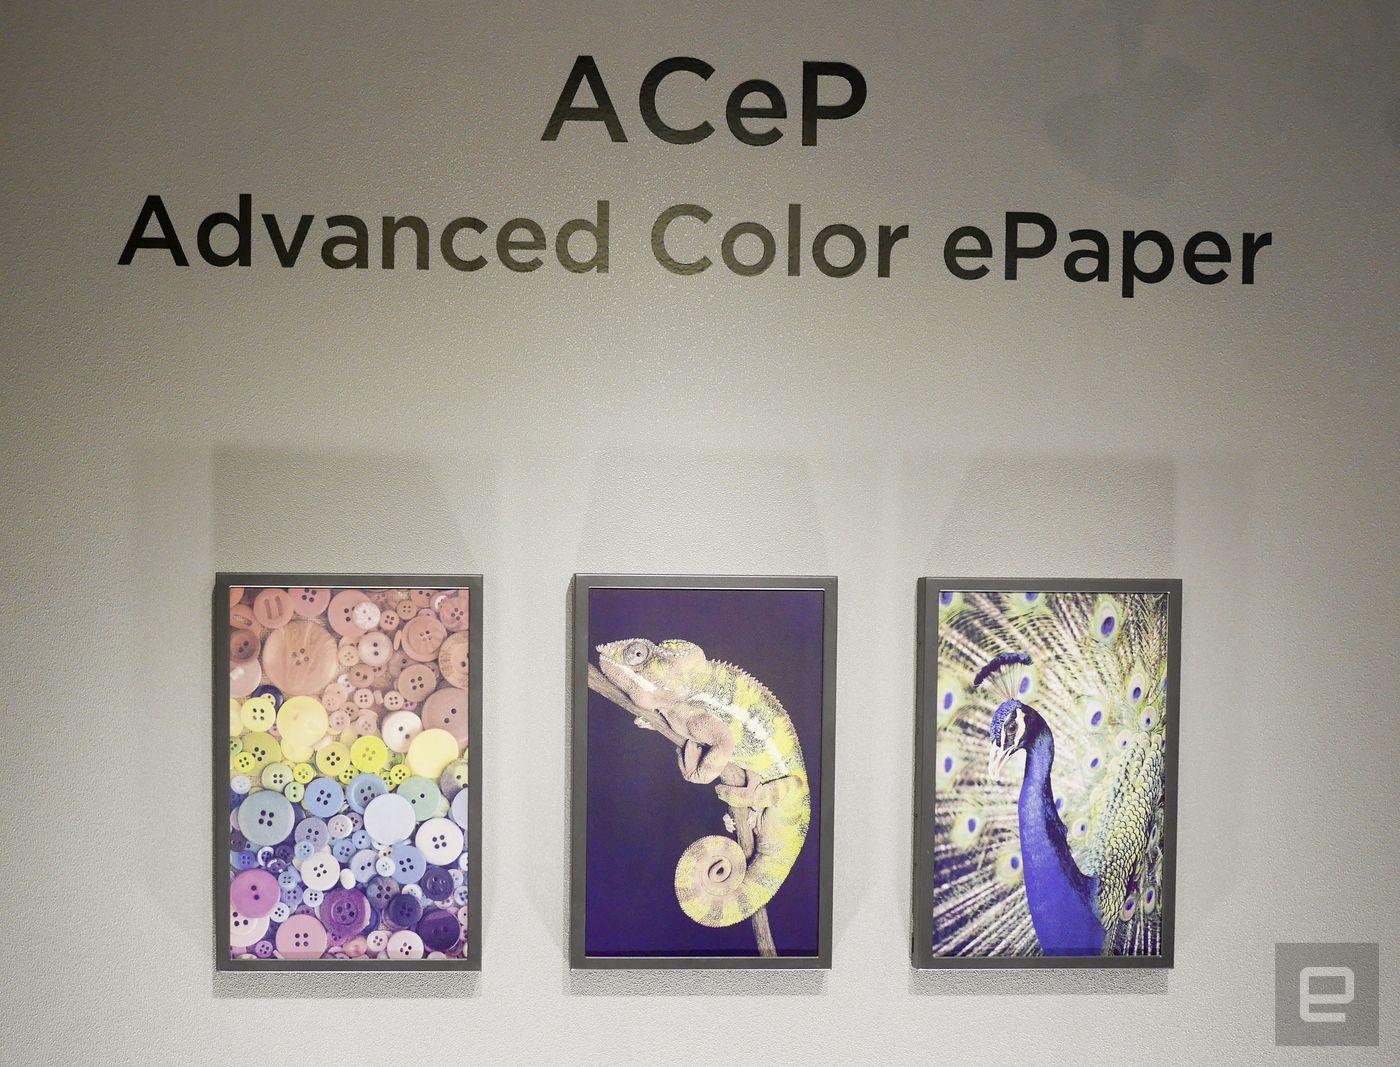 元太展出先进彩色电子纸(ACeP)技术实物演示